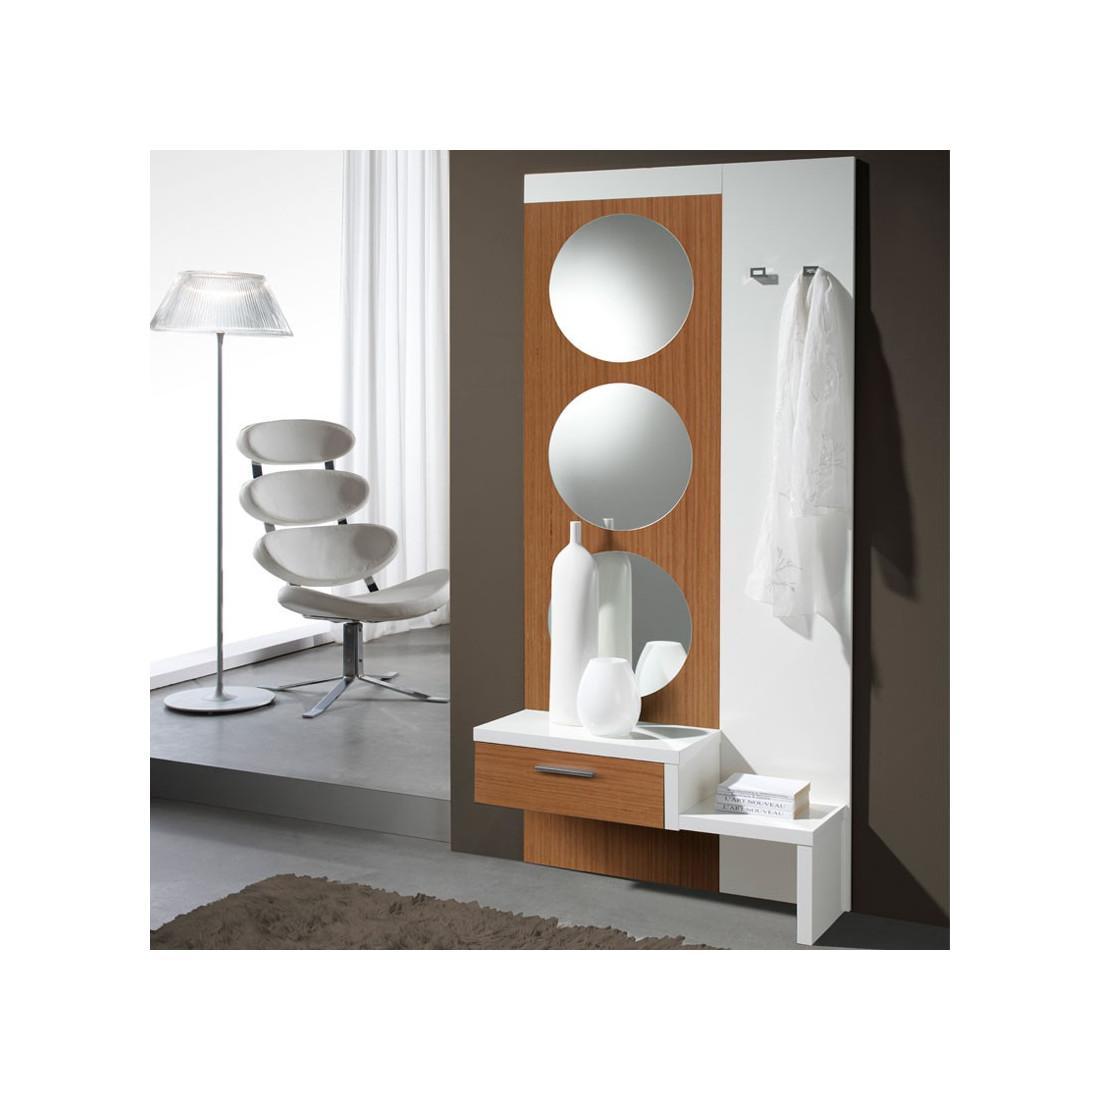 Meuble d 39 entr e blanc noyer miroir gomelle univers petits meubles - Meuble d entree miroir ...